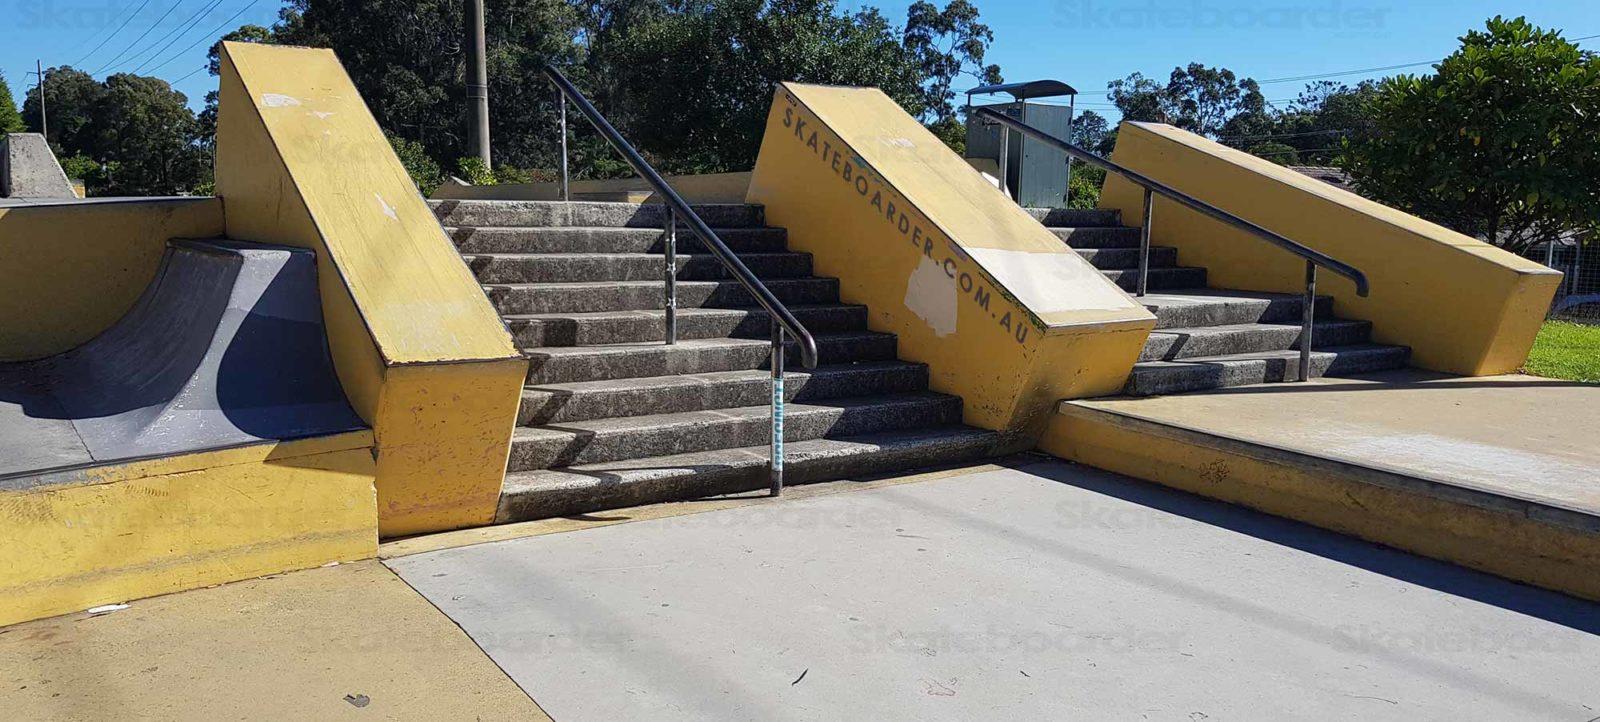 Stairs and hubbas at Varsity